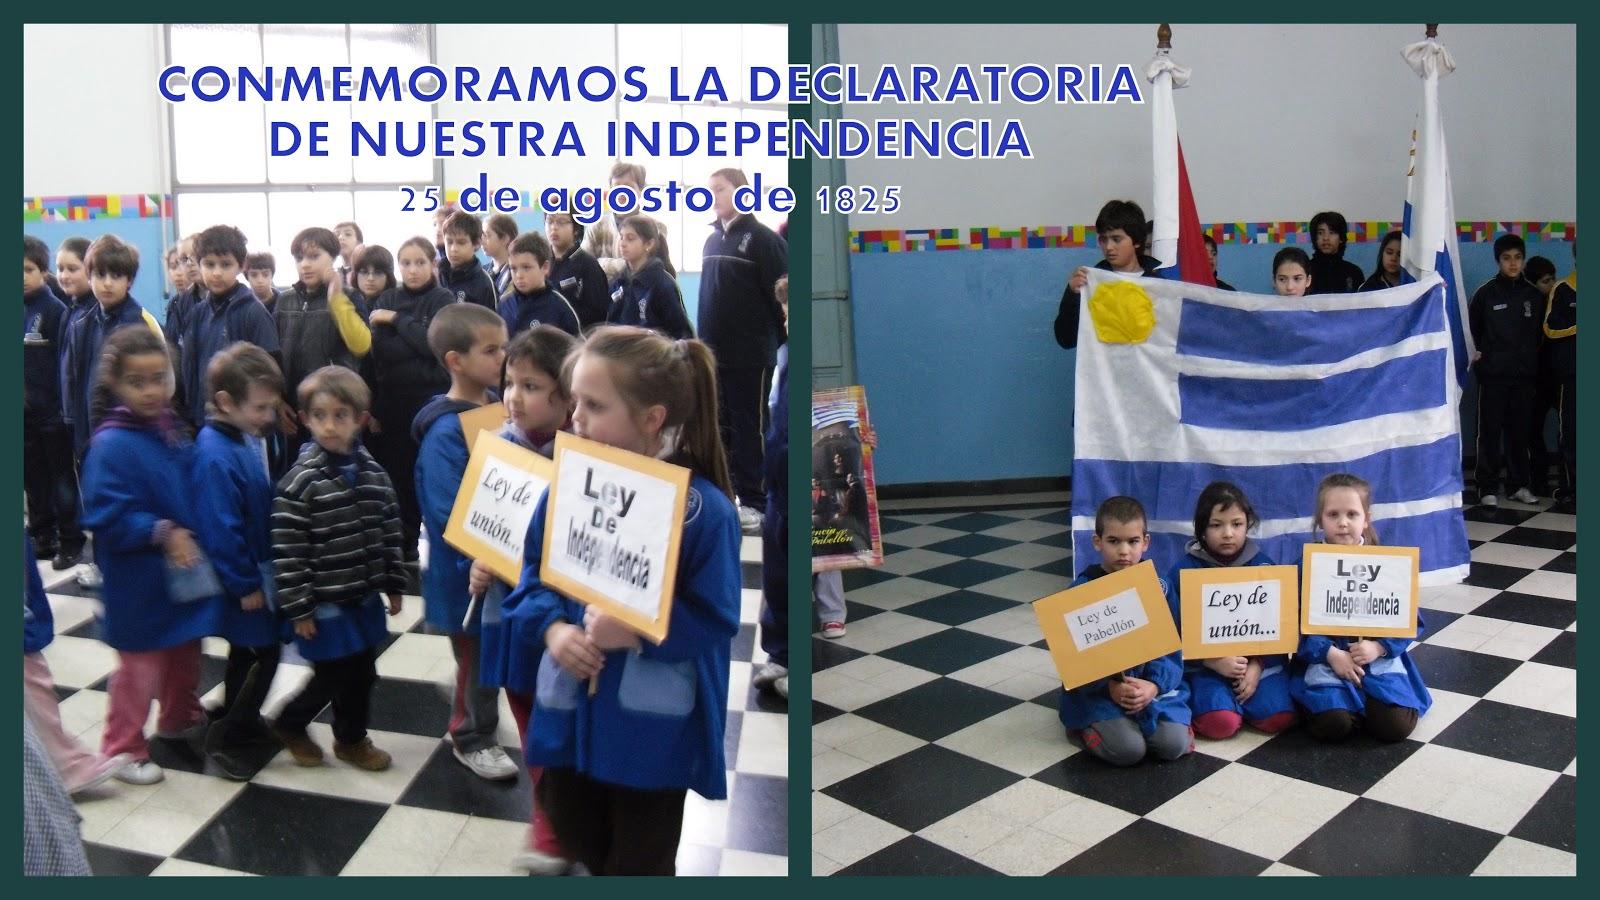 Vecchio En Nuestra Independencia Reafirmamos El: EL DIARIO DE IMA: DECLARATORIA DE NUESTRA INDEPENDENCIA